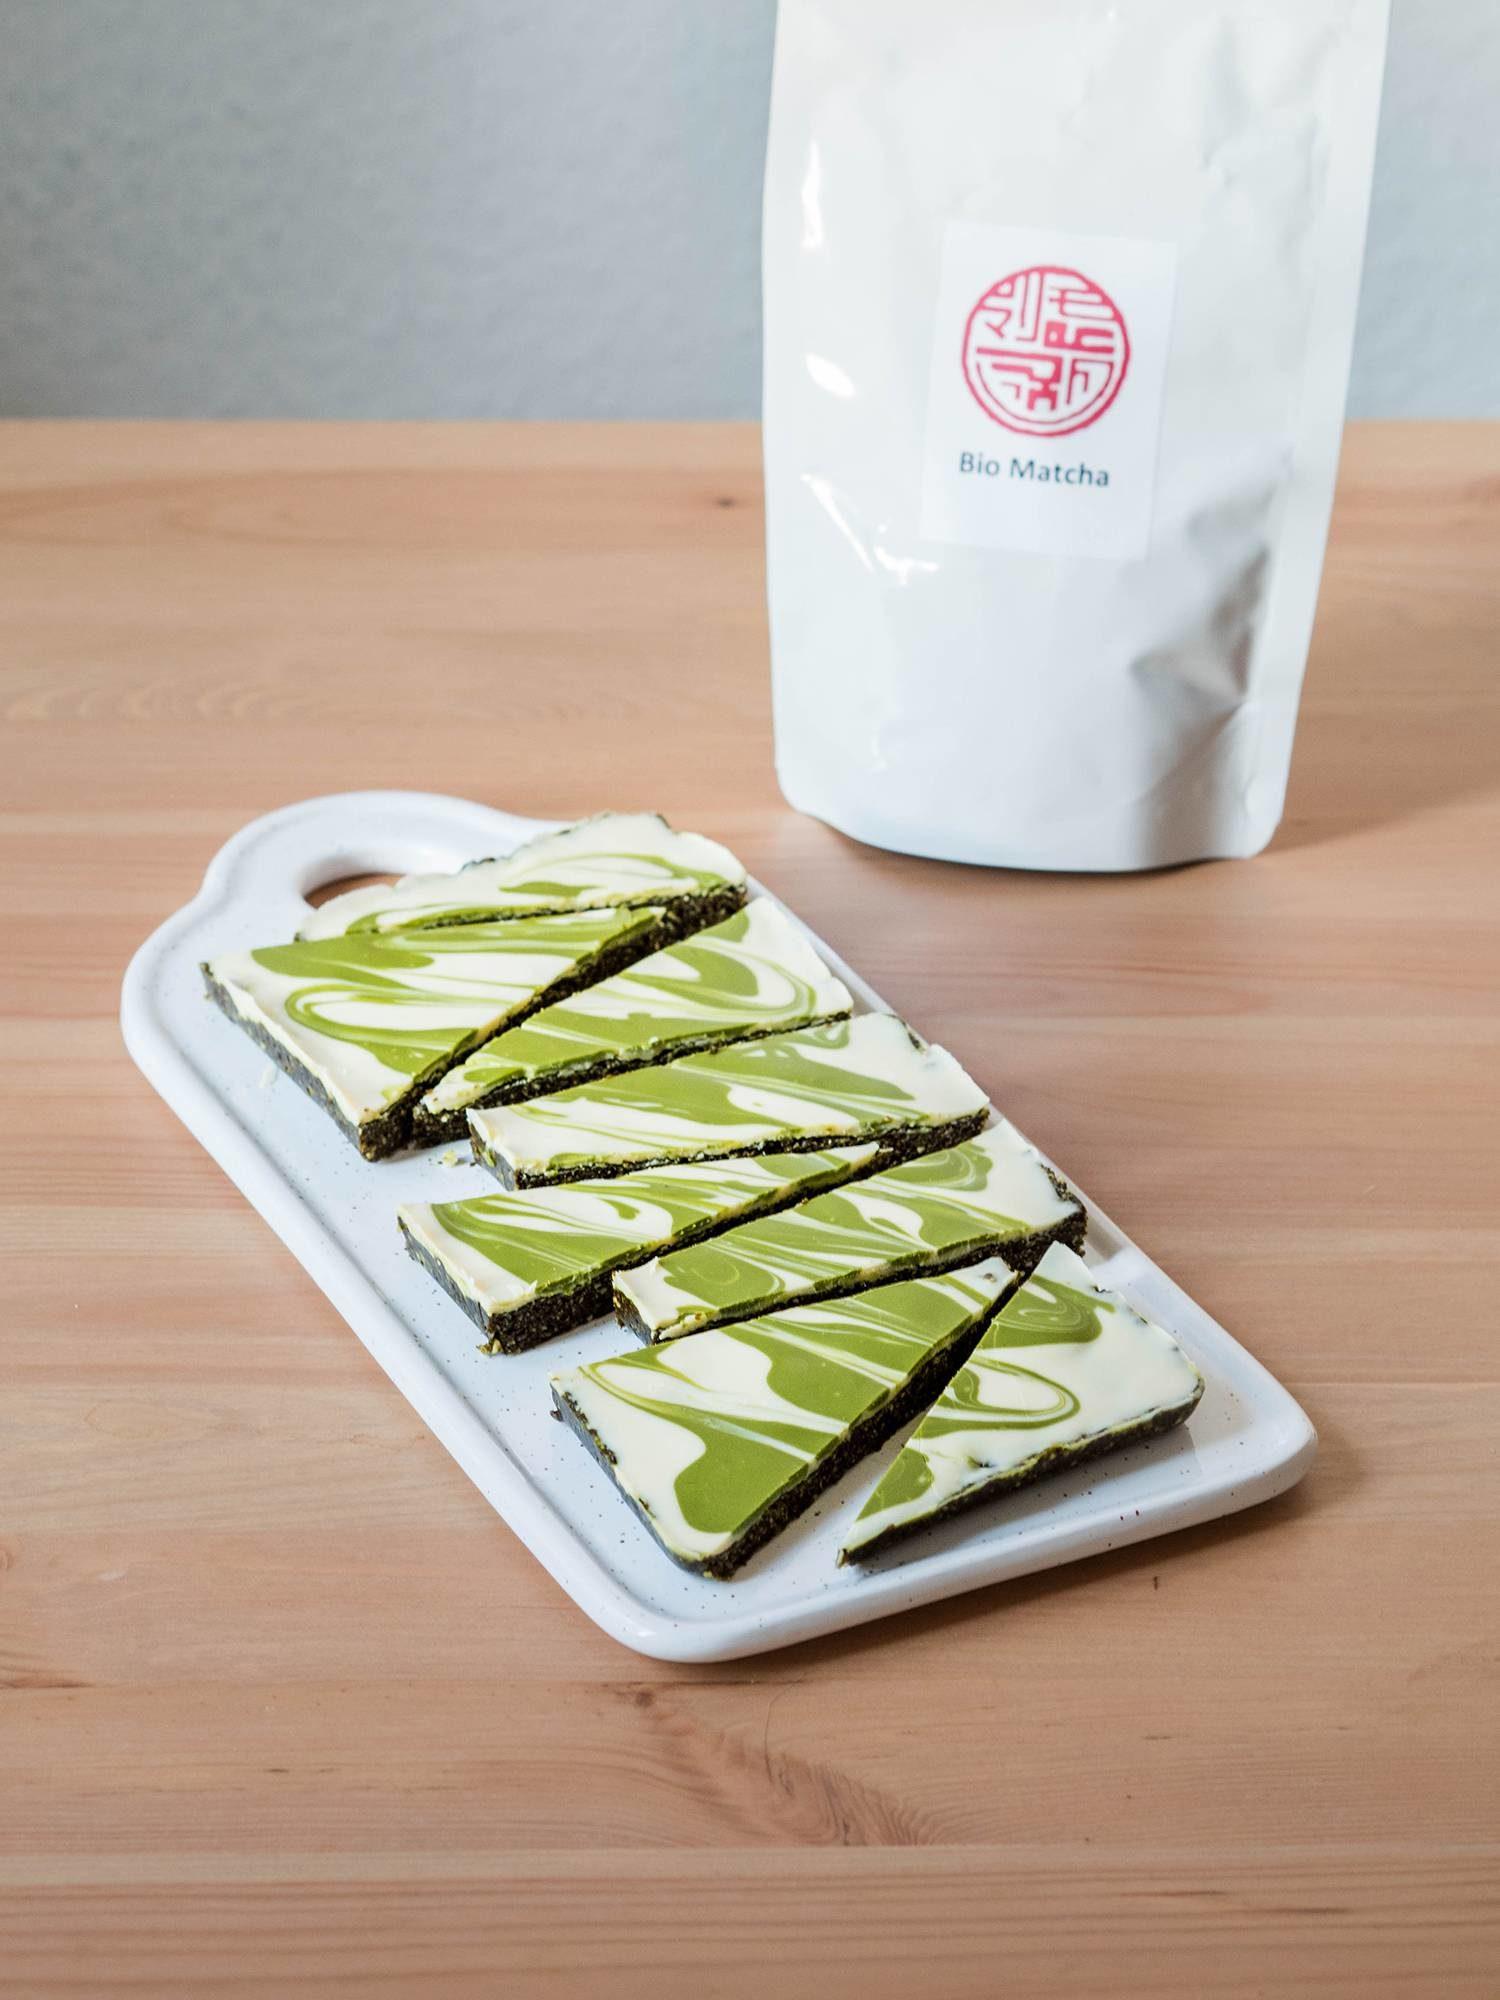 Grünes Bio-Matchapulver in weißer veganer Kuvertüre